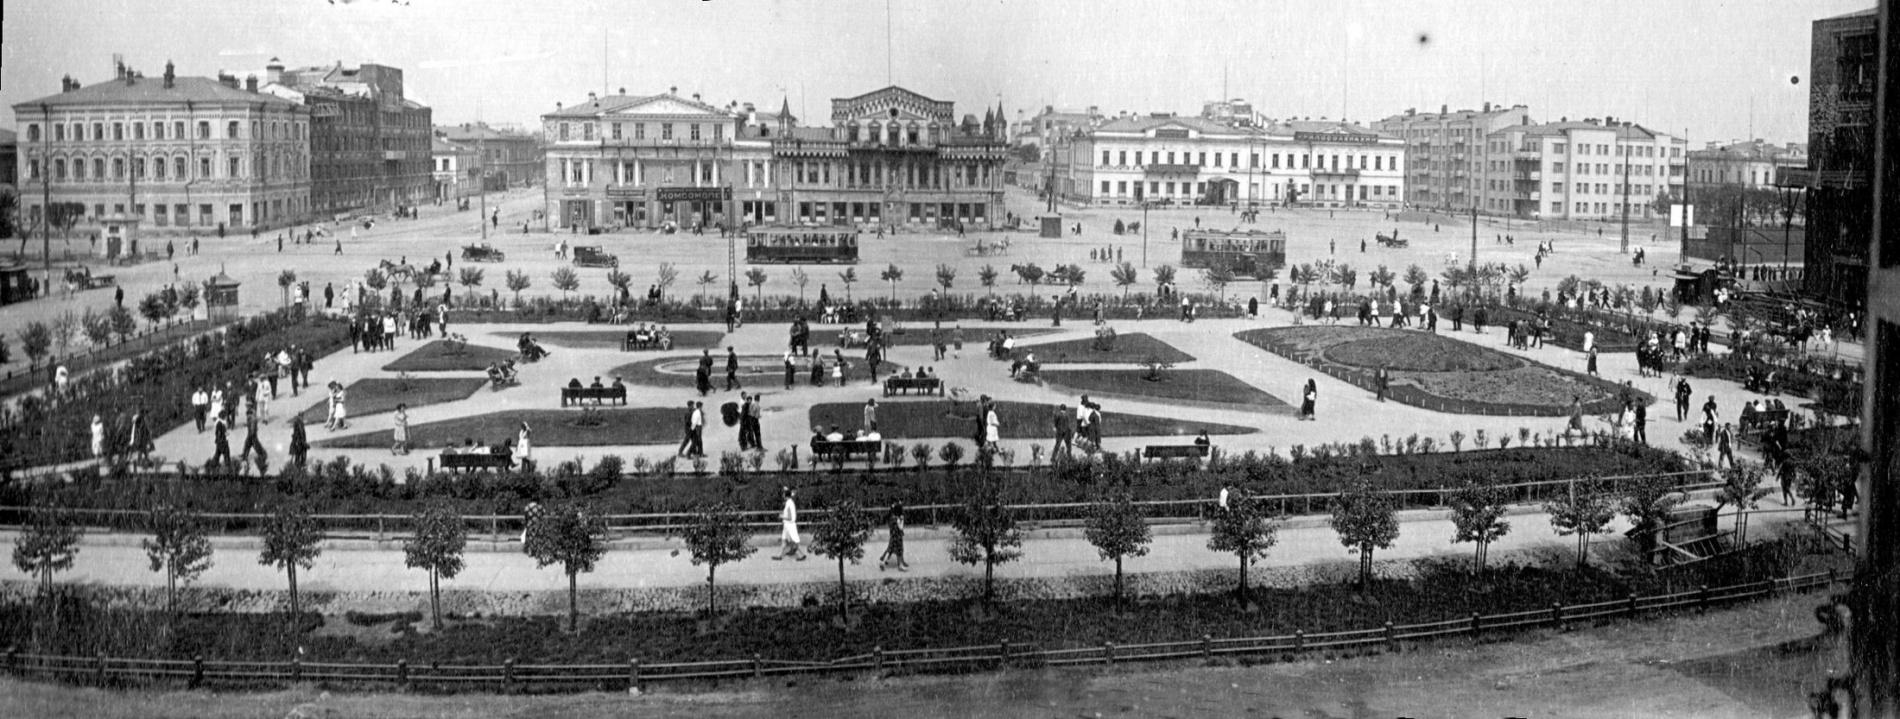 """Вид от старого """"Пассажа"""" на сквер. В правом верхнем углу - площадь 1905 года еще без Ленина, прямо на заднем плане - современный ТЦ """"Европа"""", дом купцов Коробковых"""